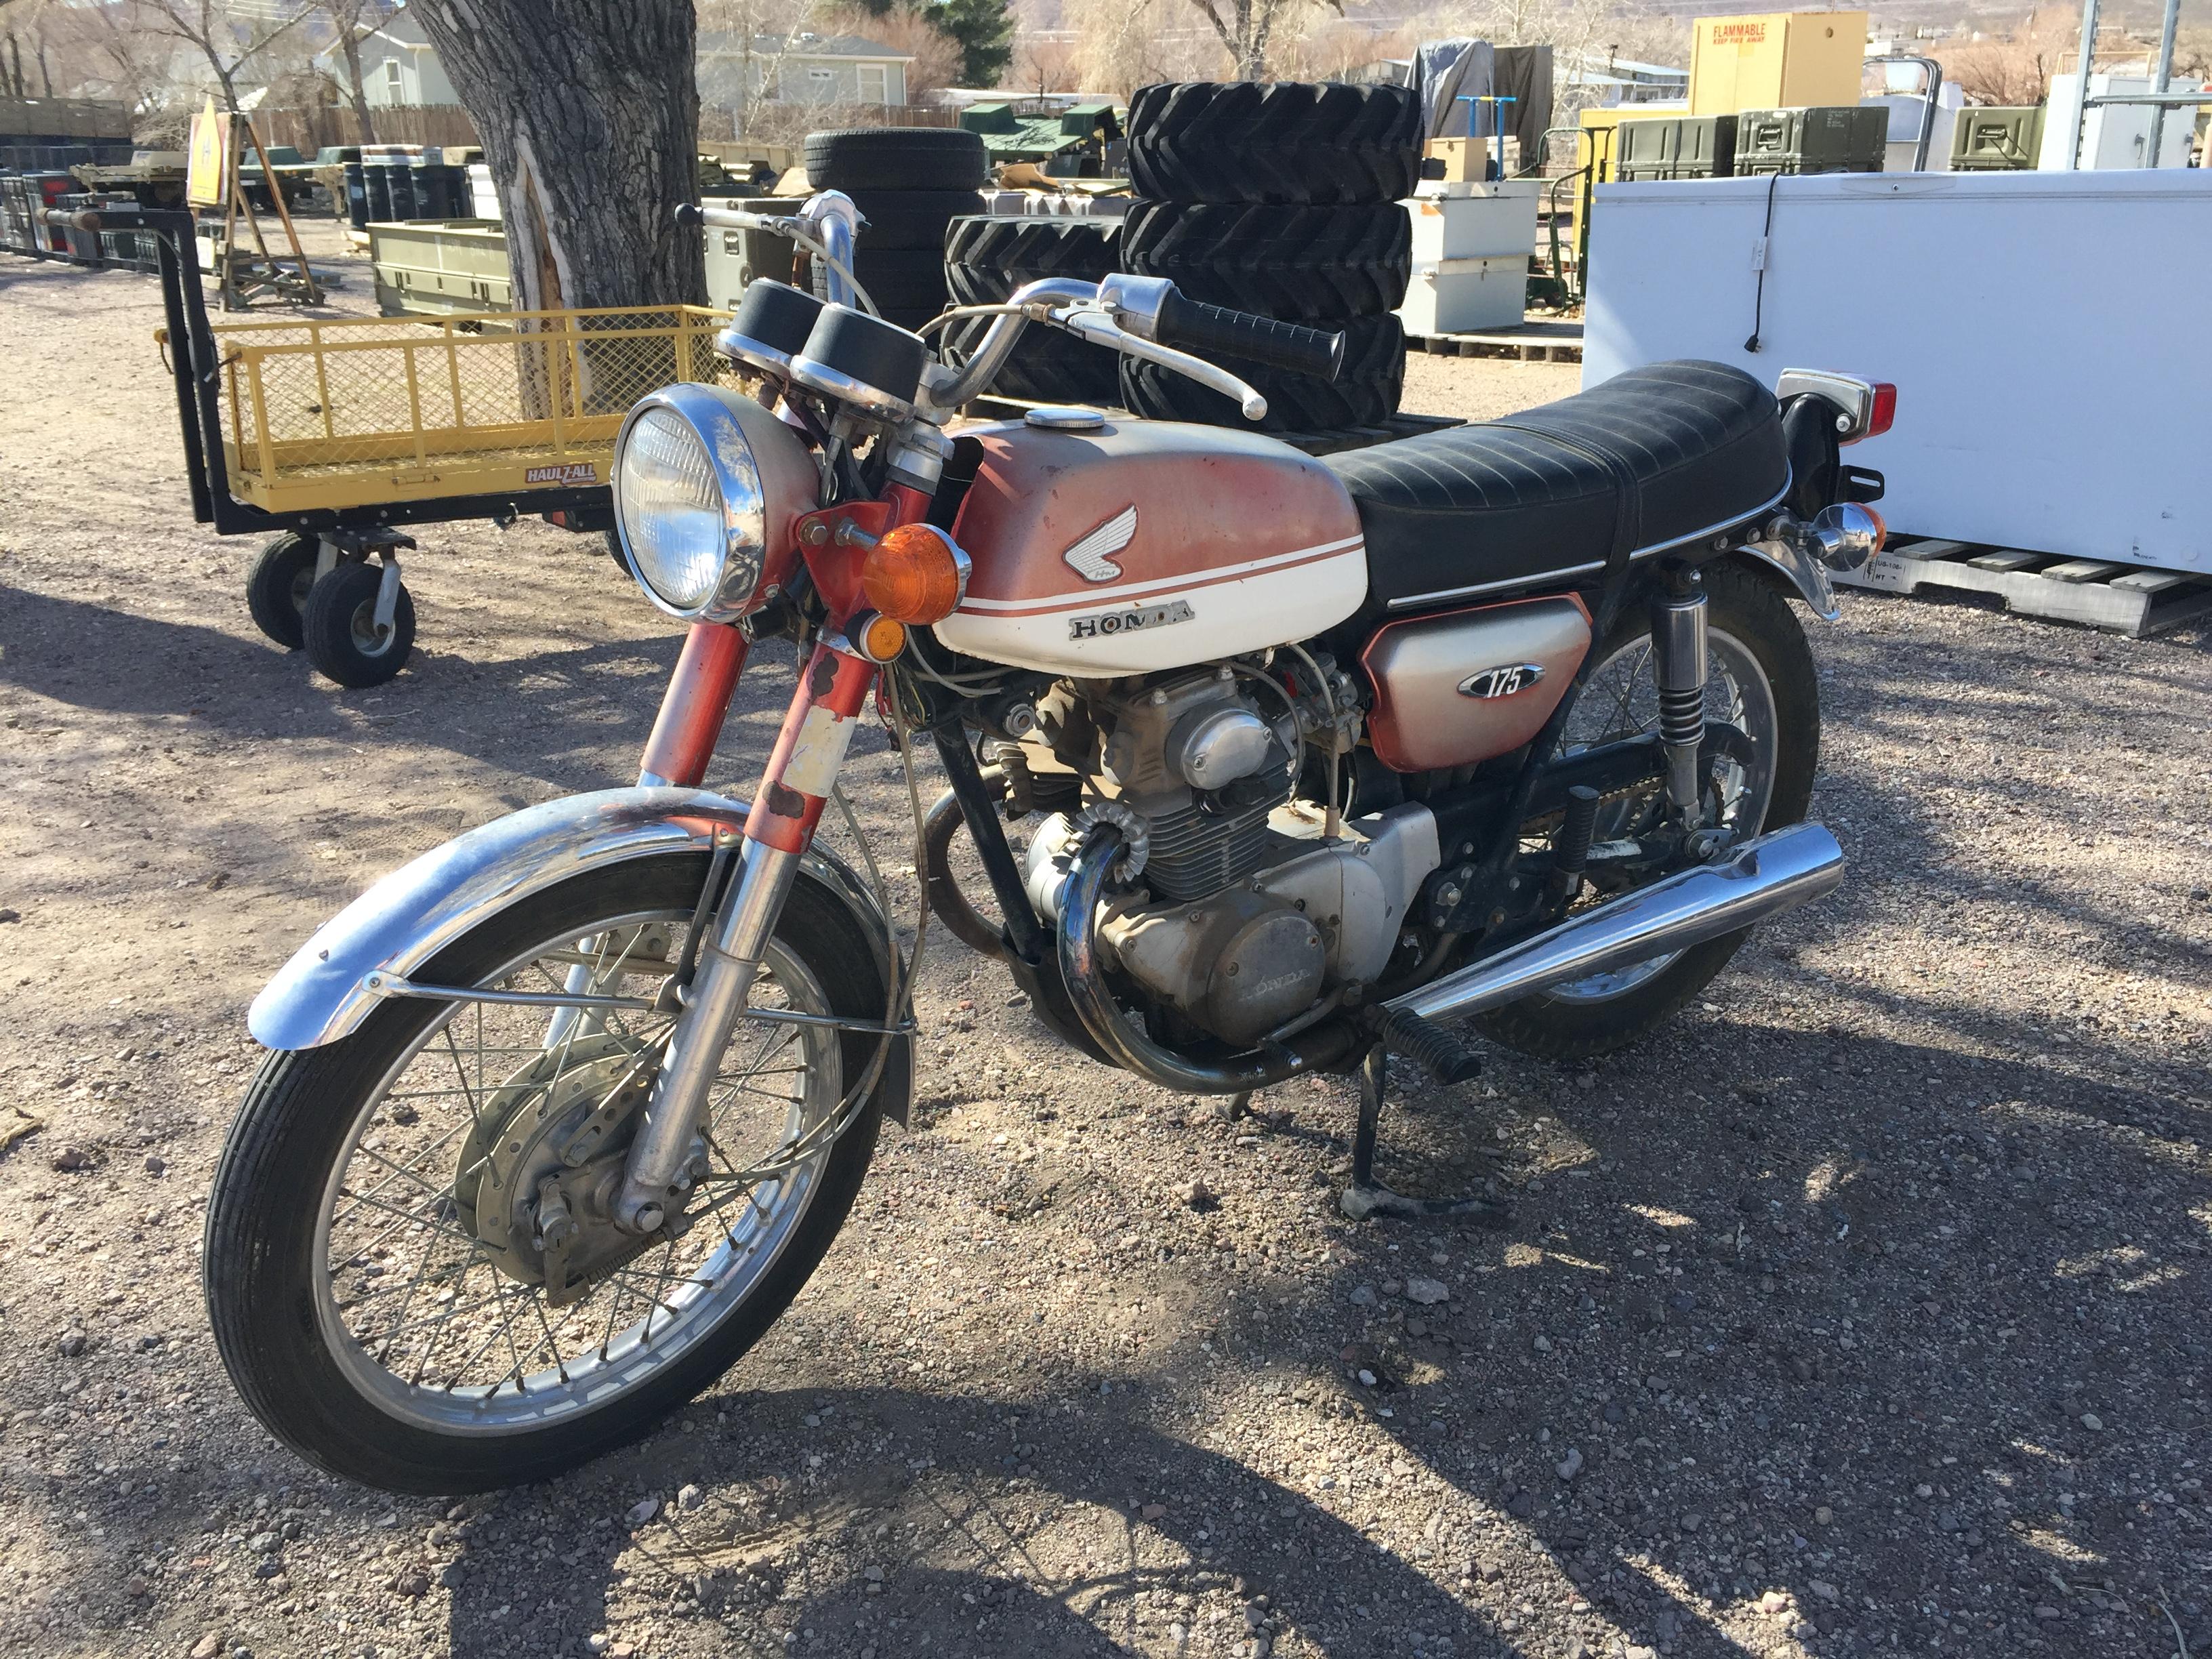 1970 Honda Cb175 Is It Worth A 1000 Ct70 Paint Alt000 Image2